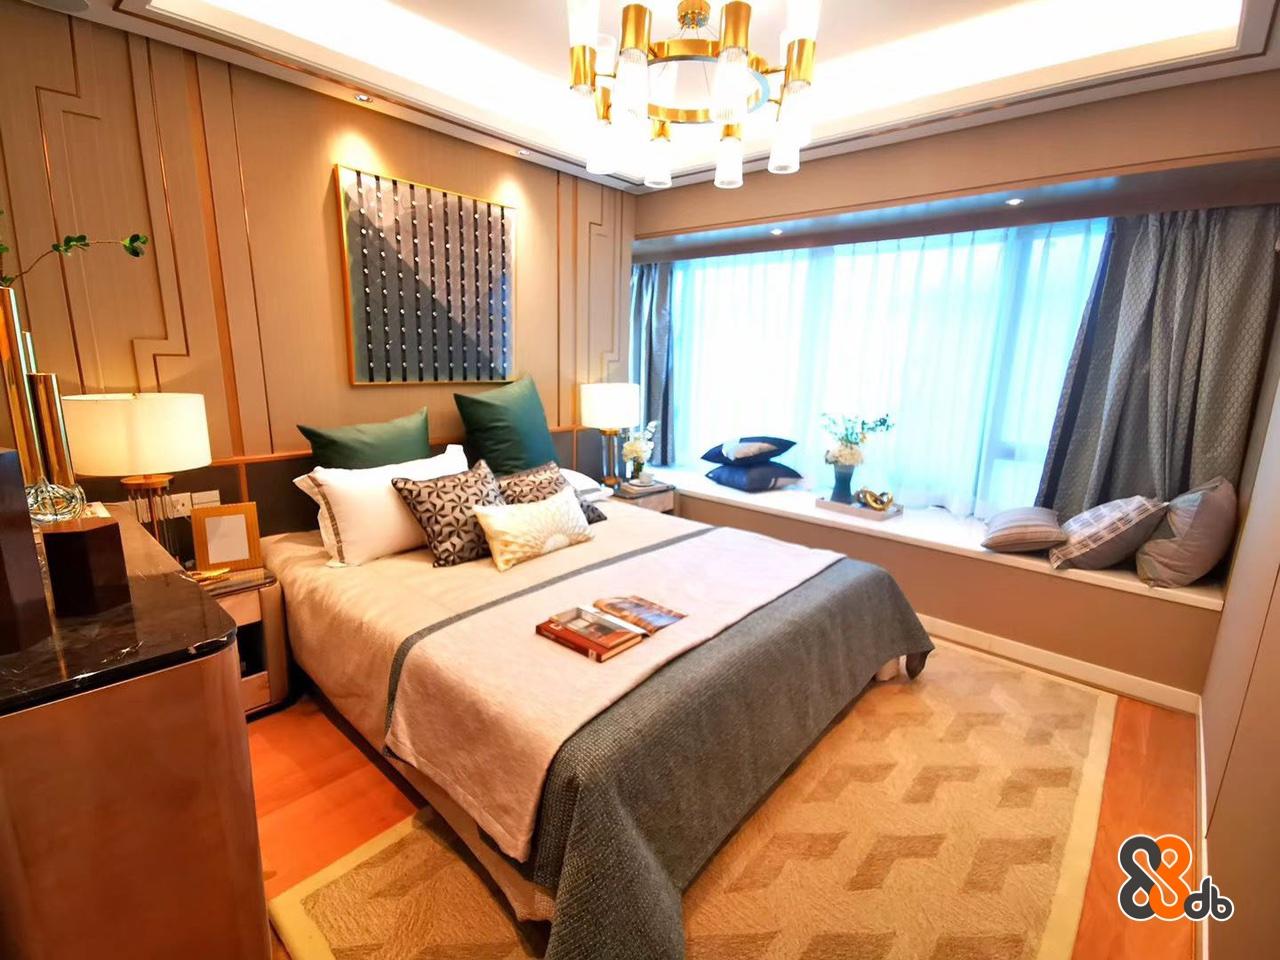 Bedroom,Room,Furniture,Interior design,Bed